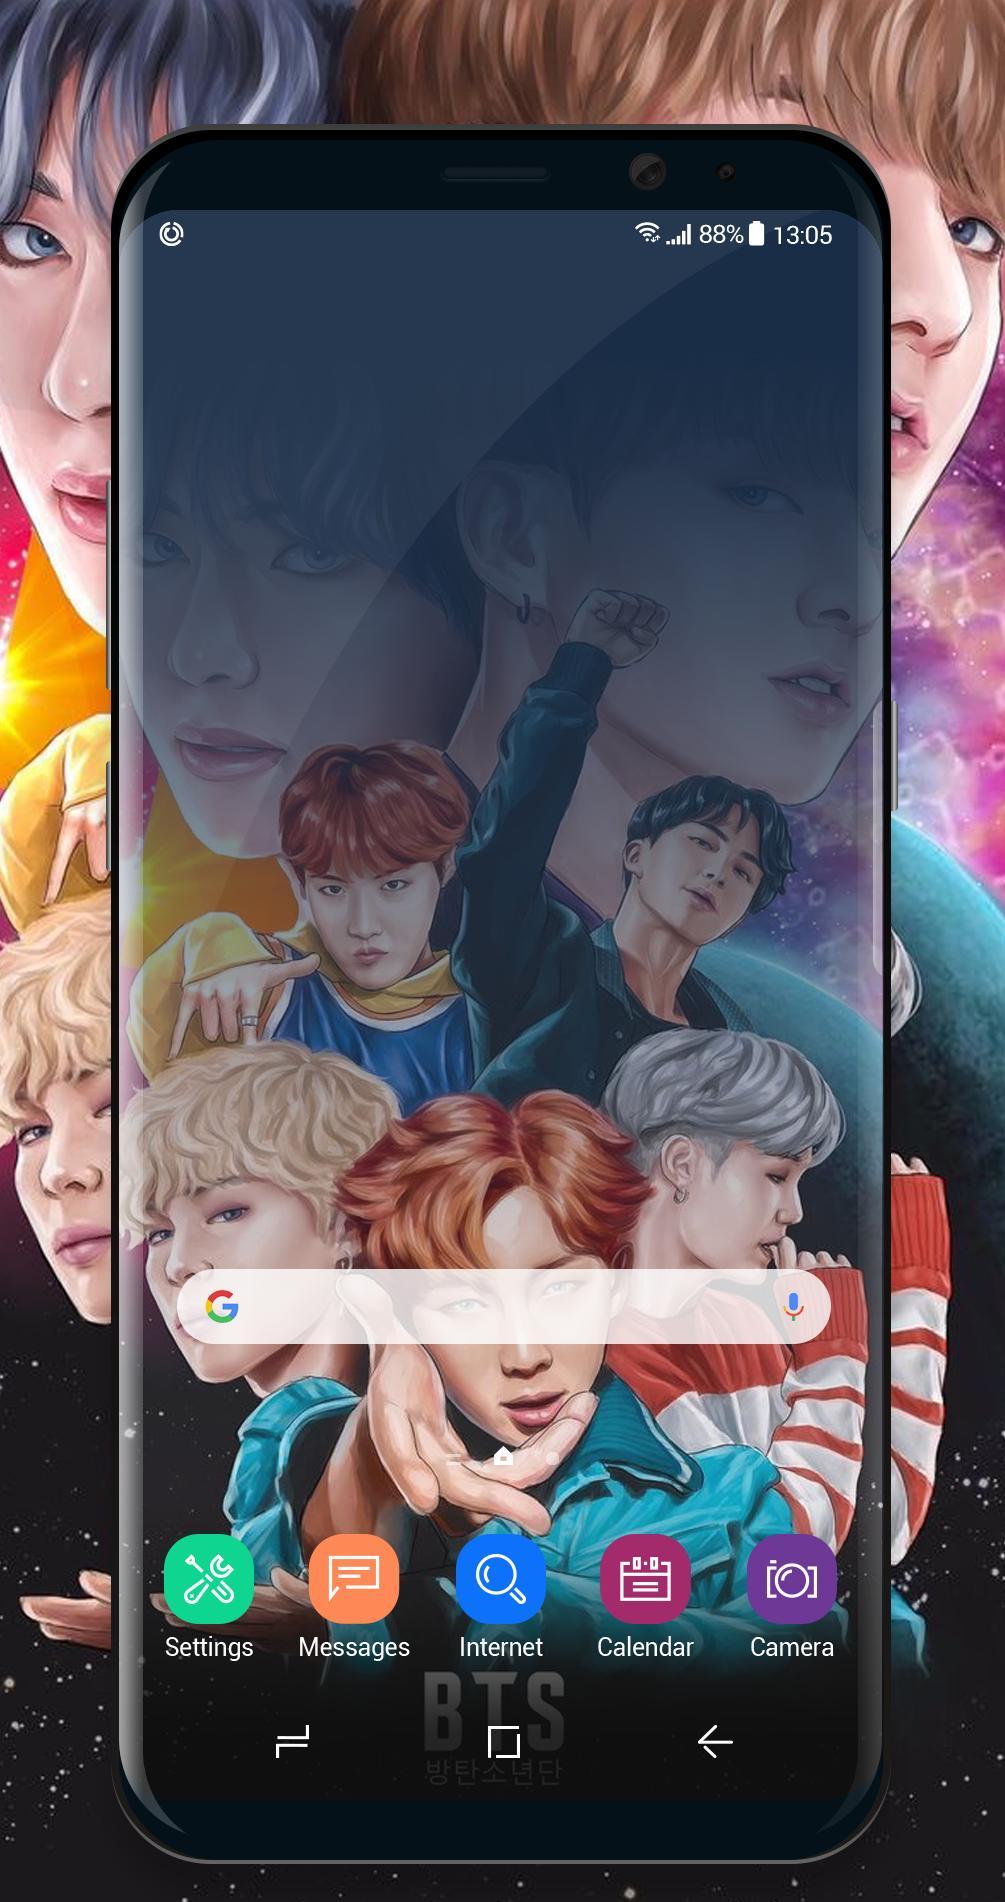 BTS Wallpapers Kpop - Ultra HD poster